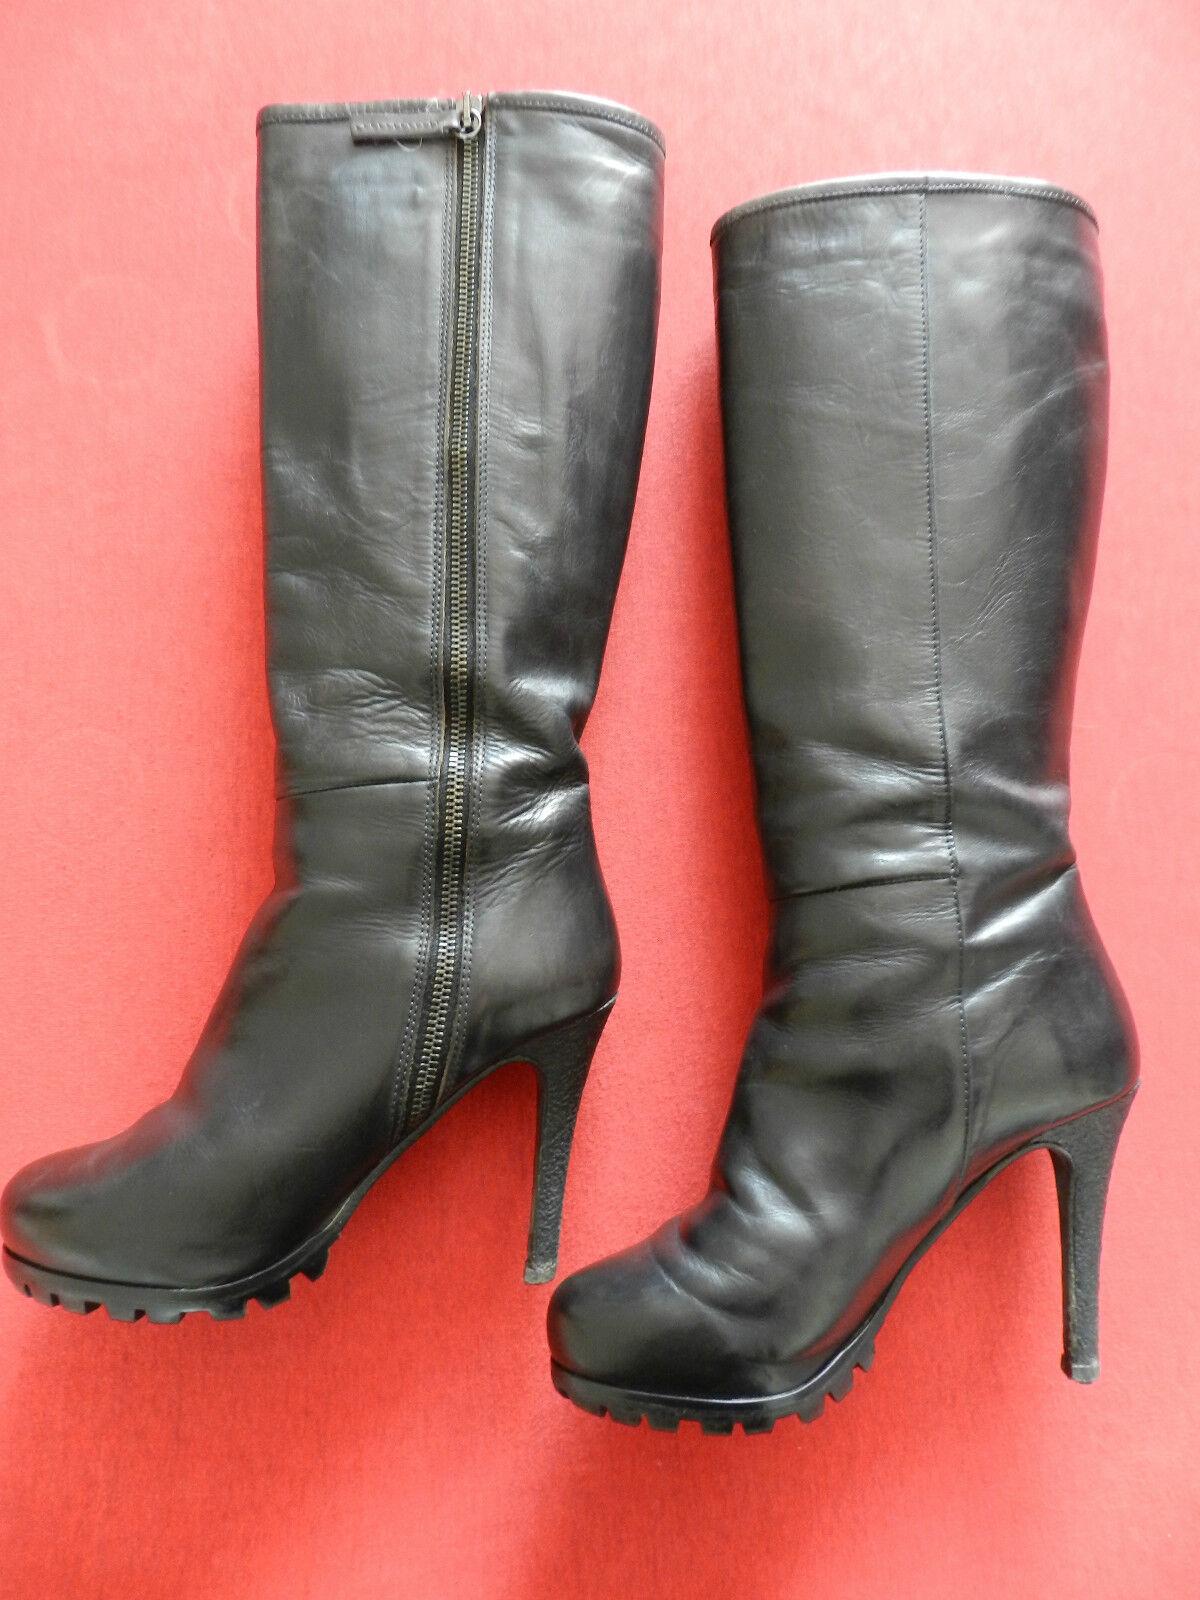 Sexy High Heel  Echt  Leder Stiefel , Gr. 37,5 , von Furla , Absatz 11 cm, OVP